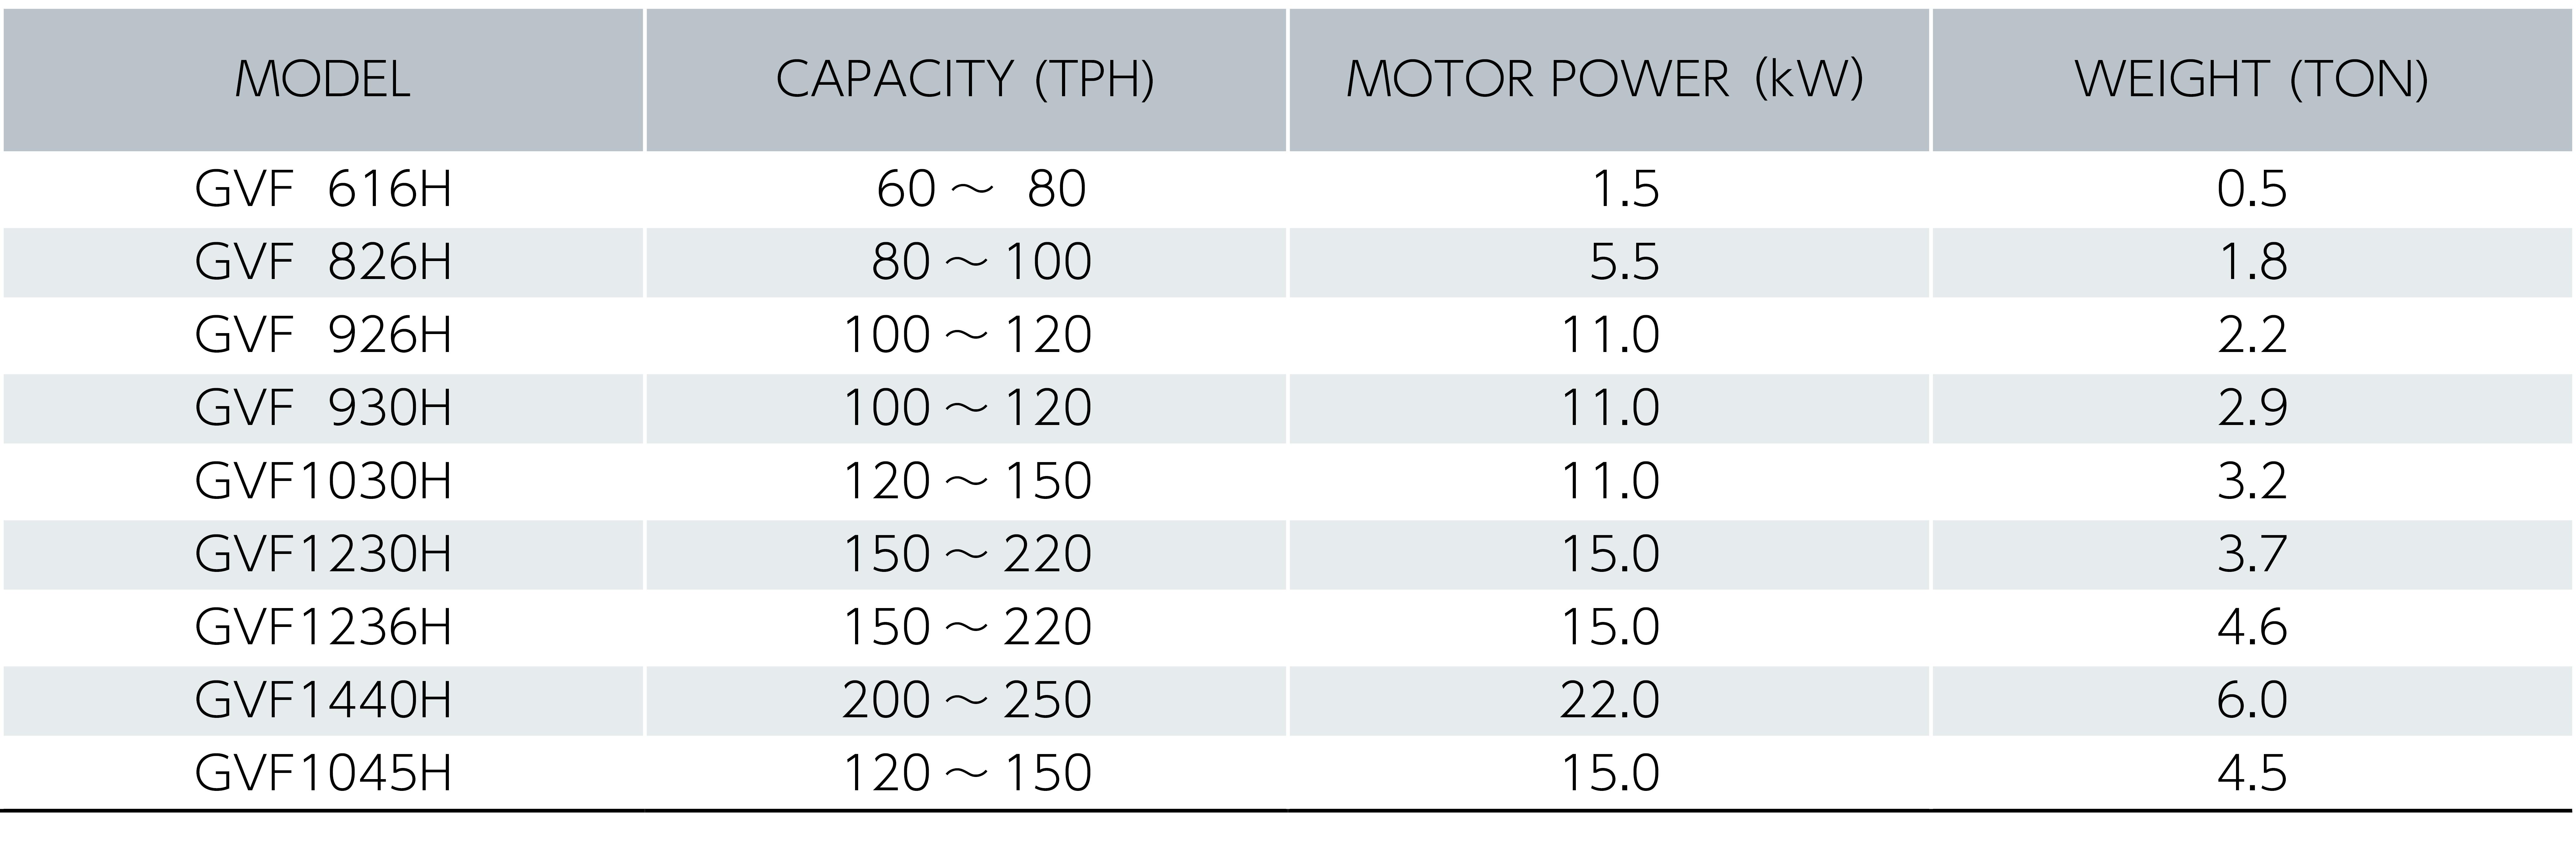 リサイクル専用供給選別機 グリズリフィーダ仕様表